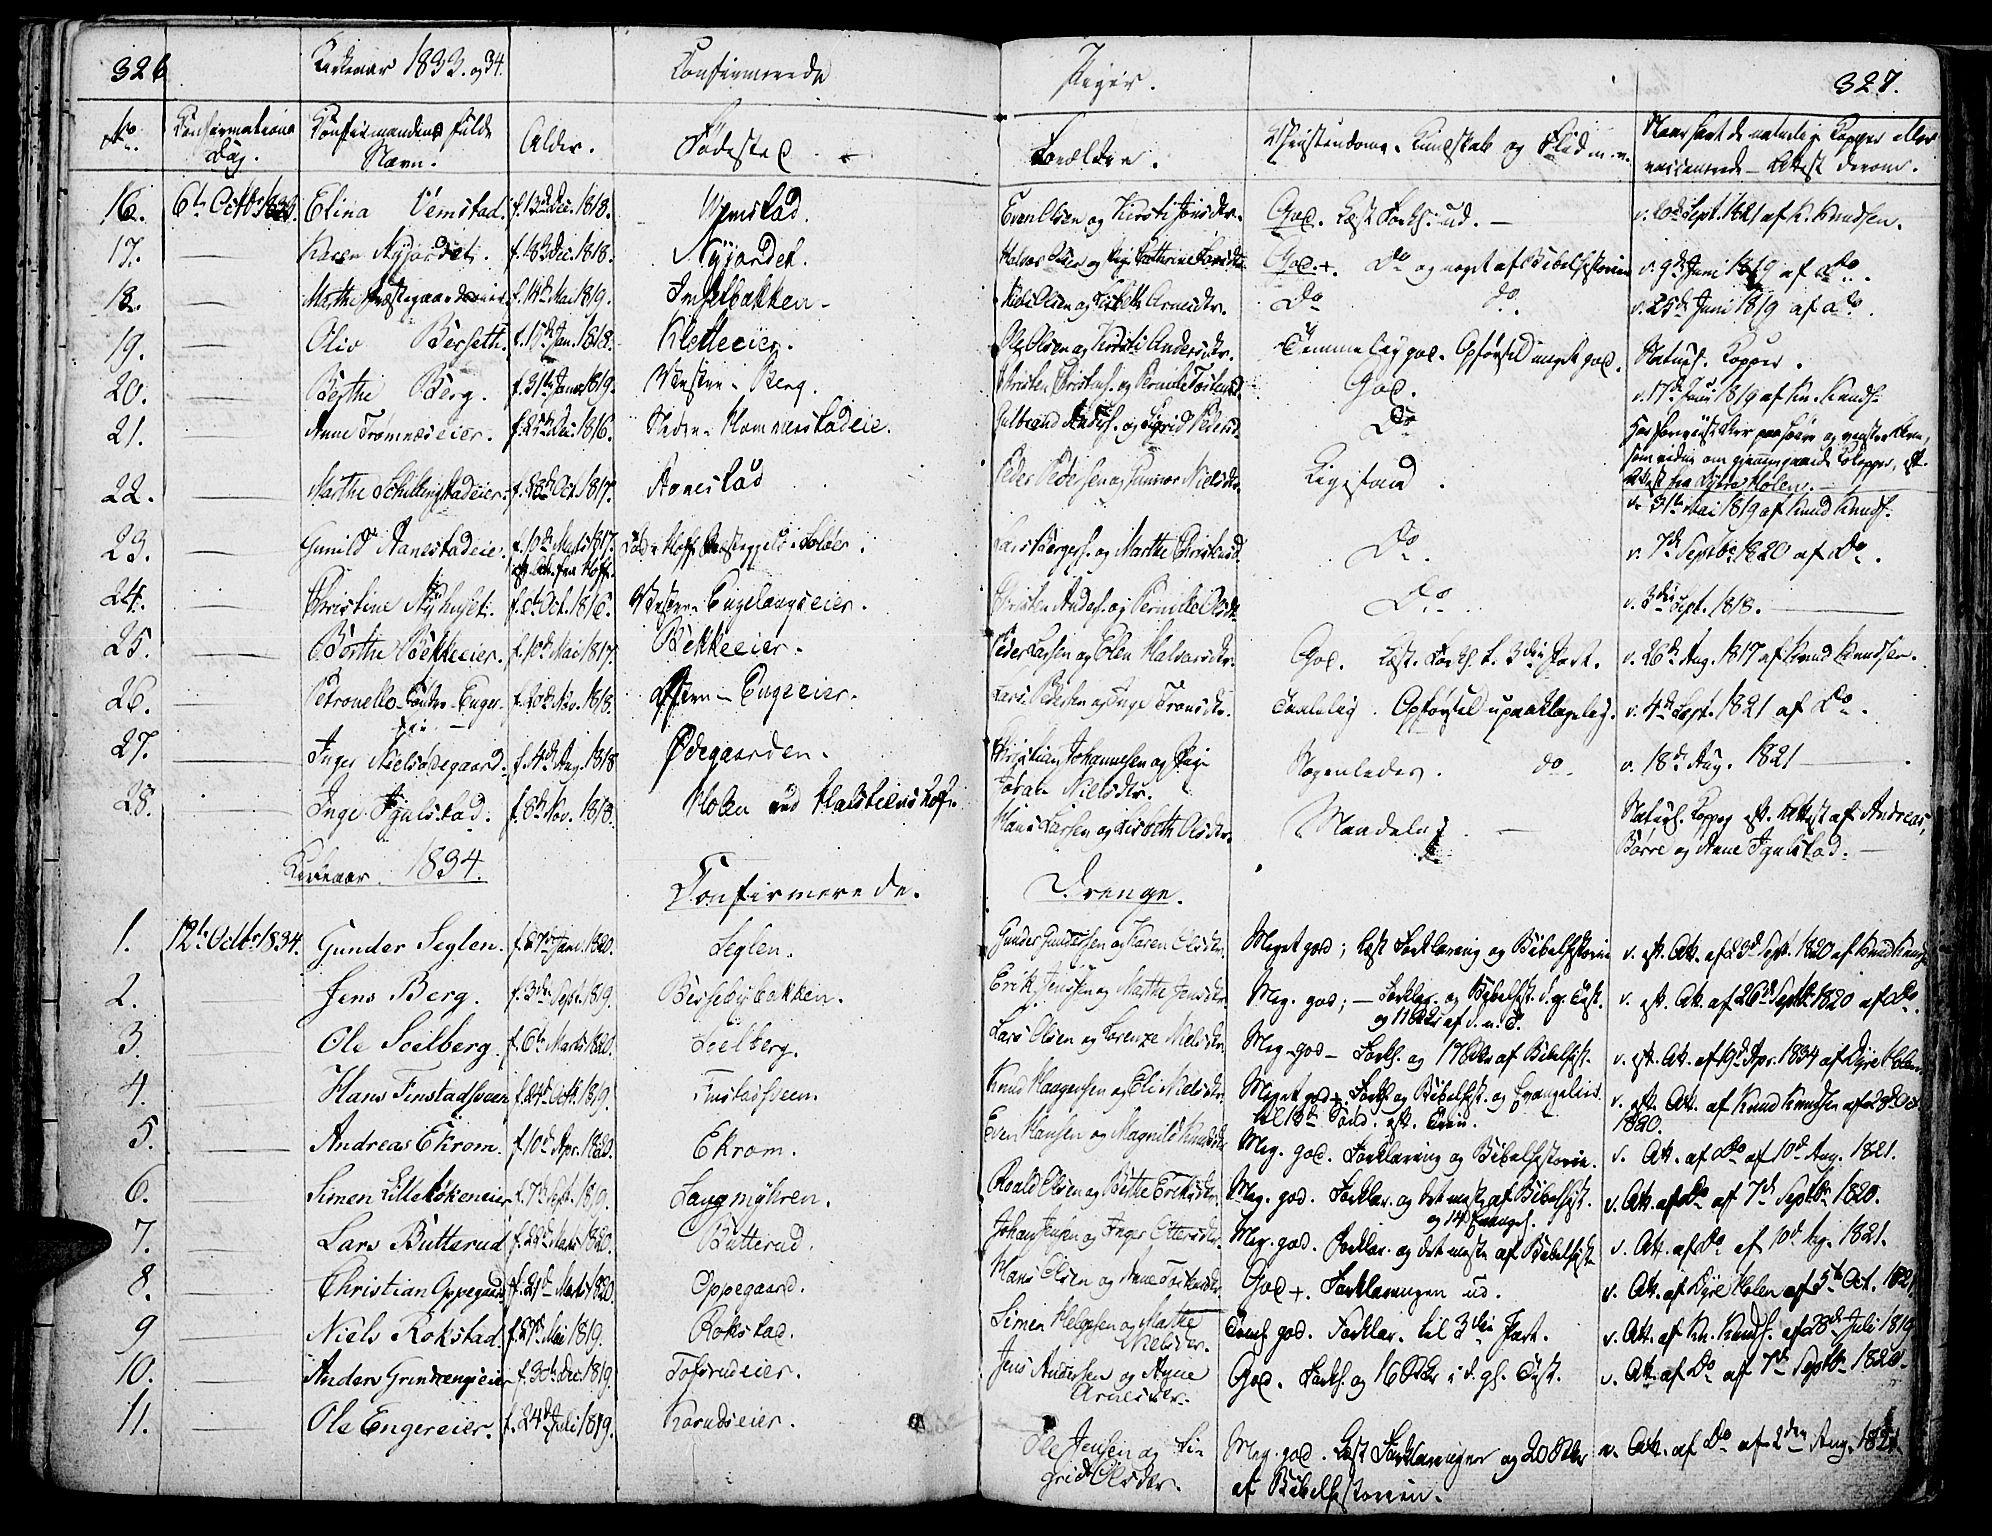 SAH, Løten prestekontor, K/Ka/L0006: Parish register (official) no. 6, 1832-1849, p. 326-327